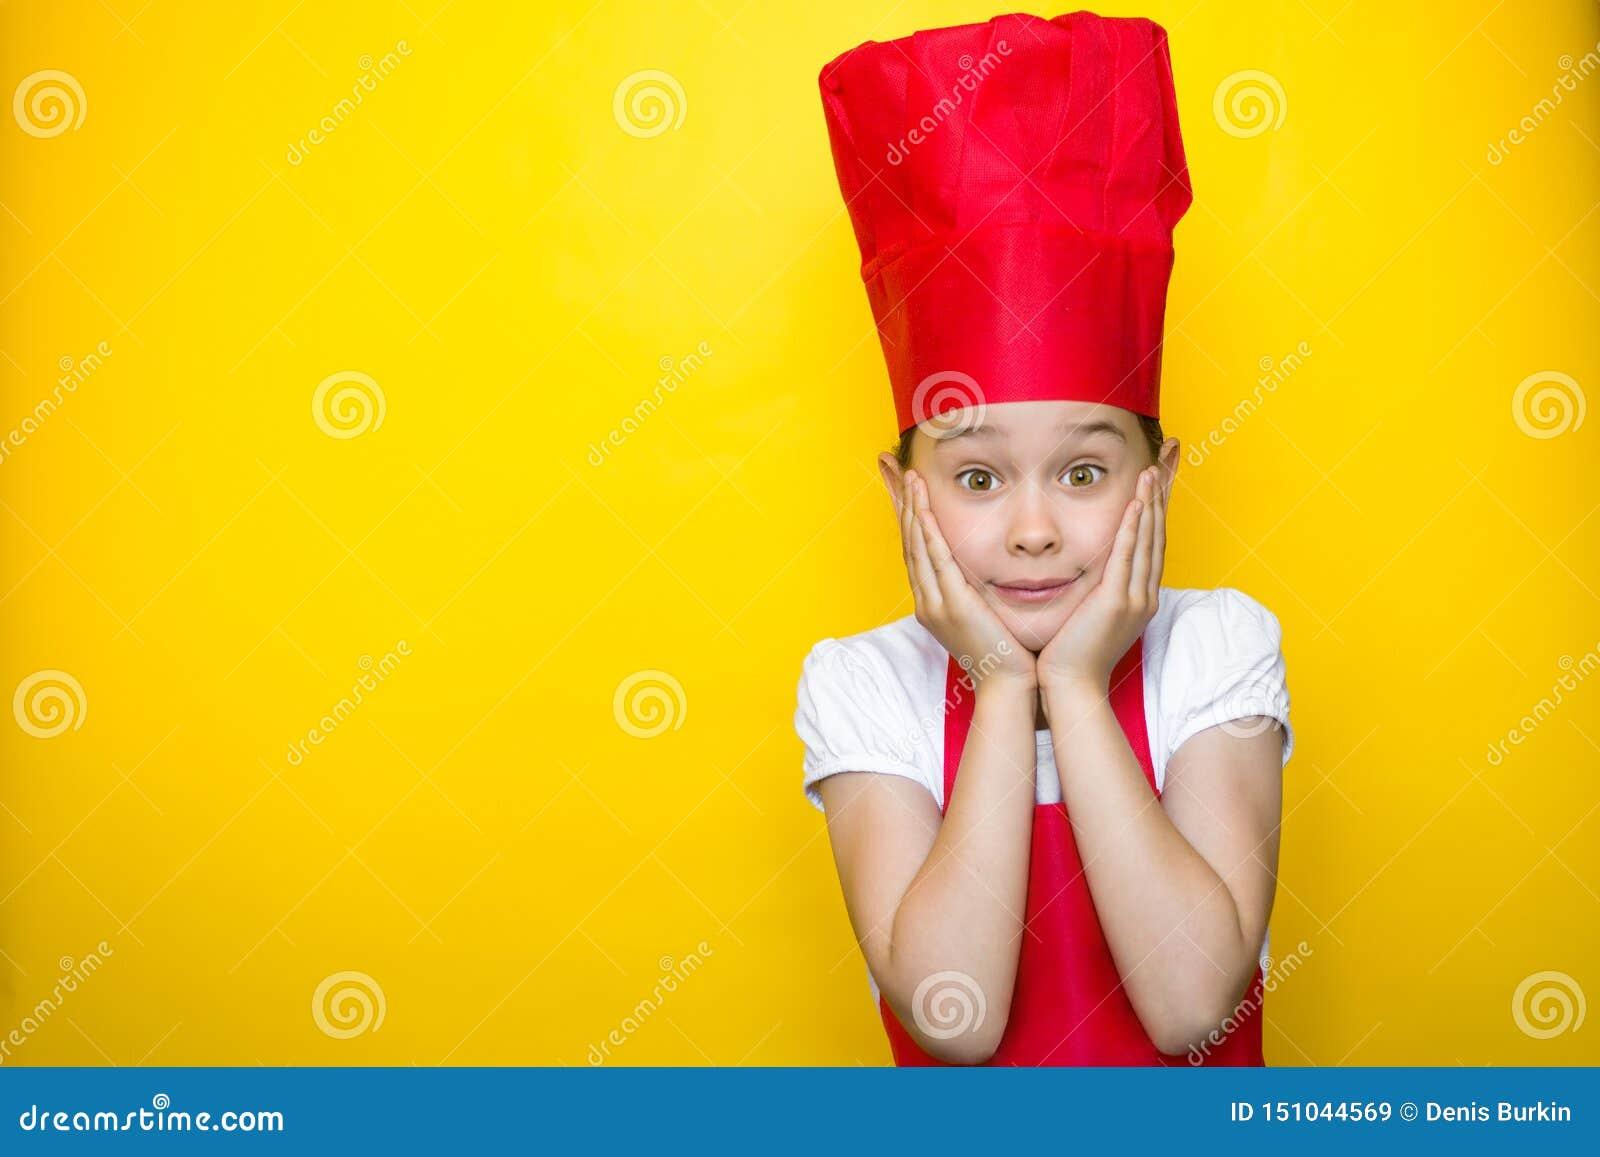 Удивленная маленькая девочка в костюме красного шеф-повара с руками на щеках на желтой предпосылке с космосом экземпляра